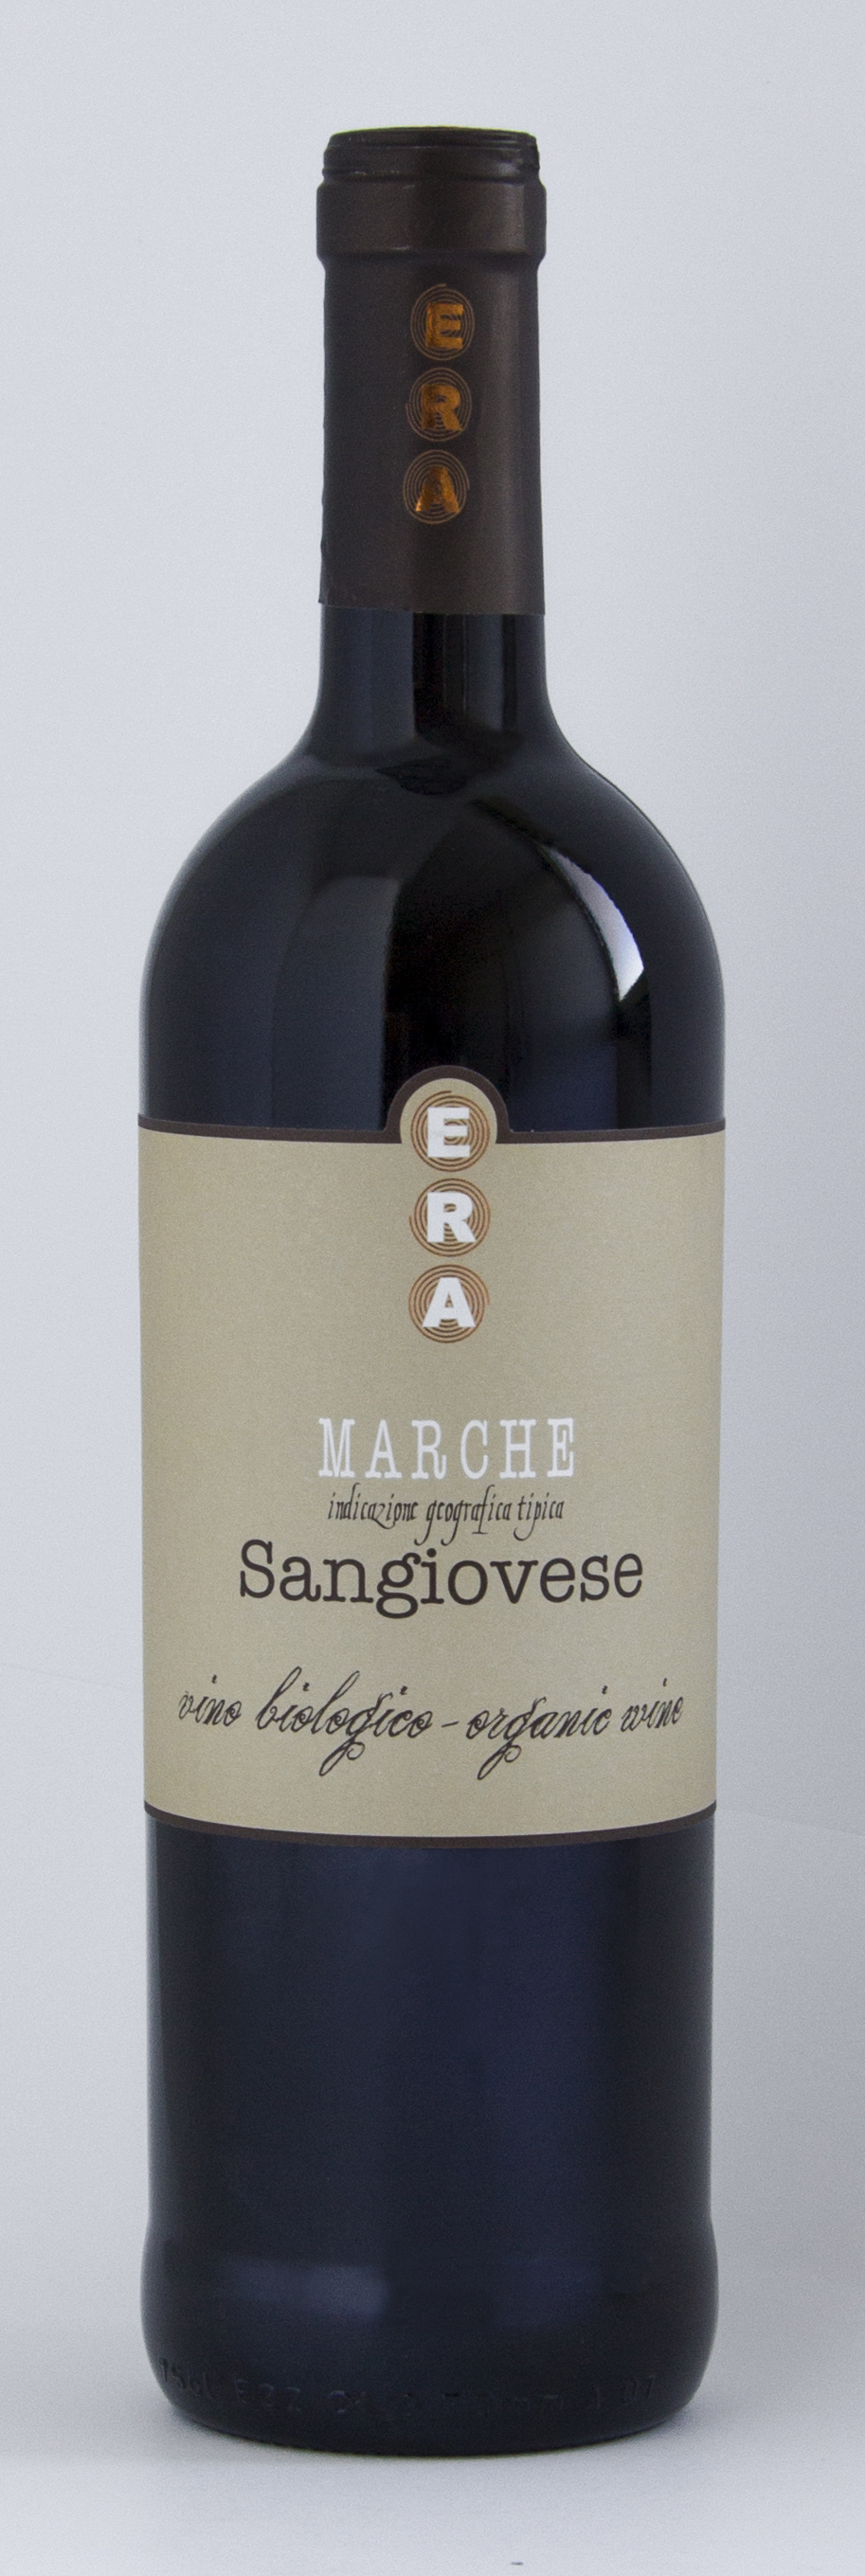 Sangiovese Marche Bio DOC